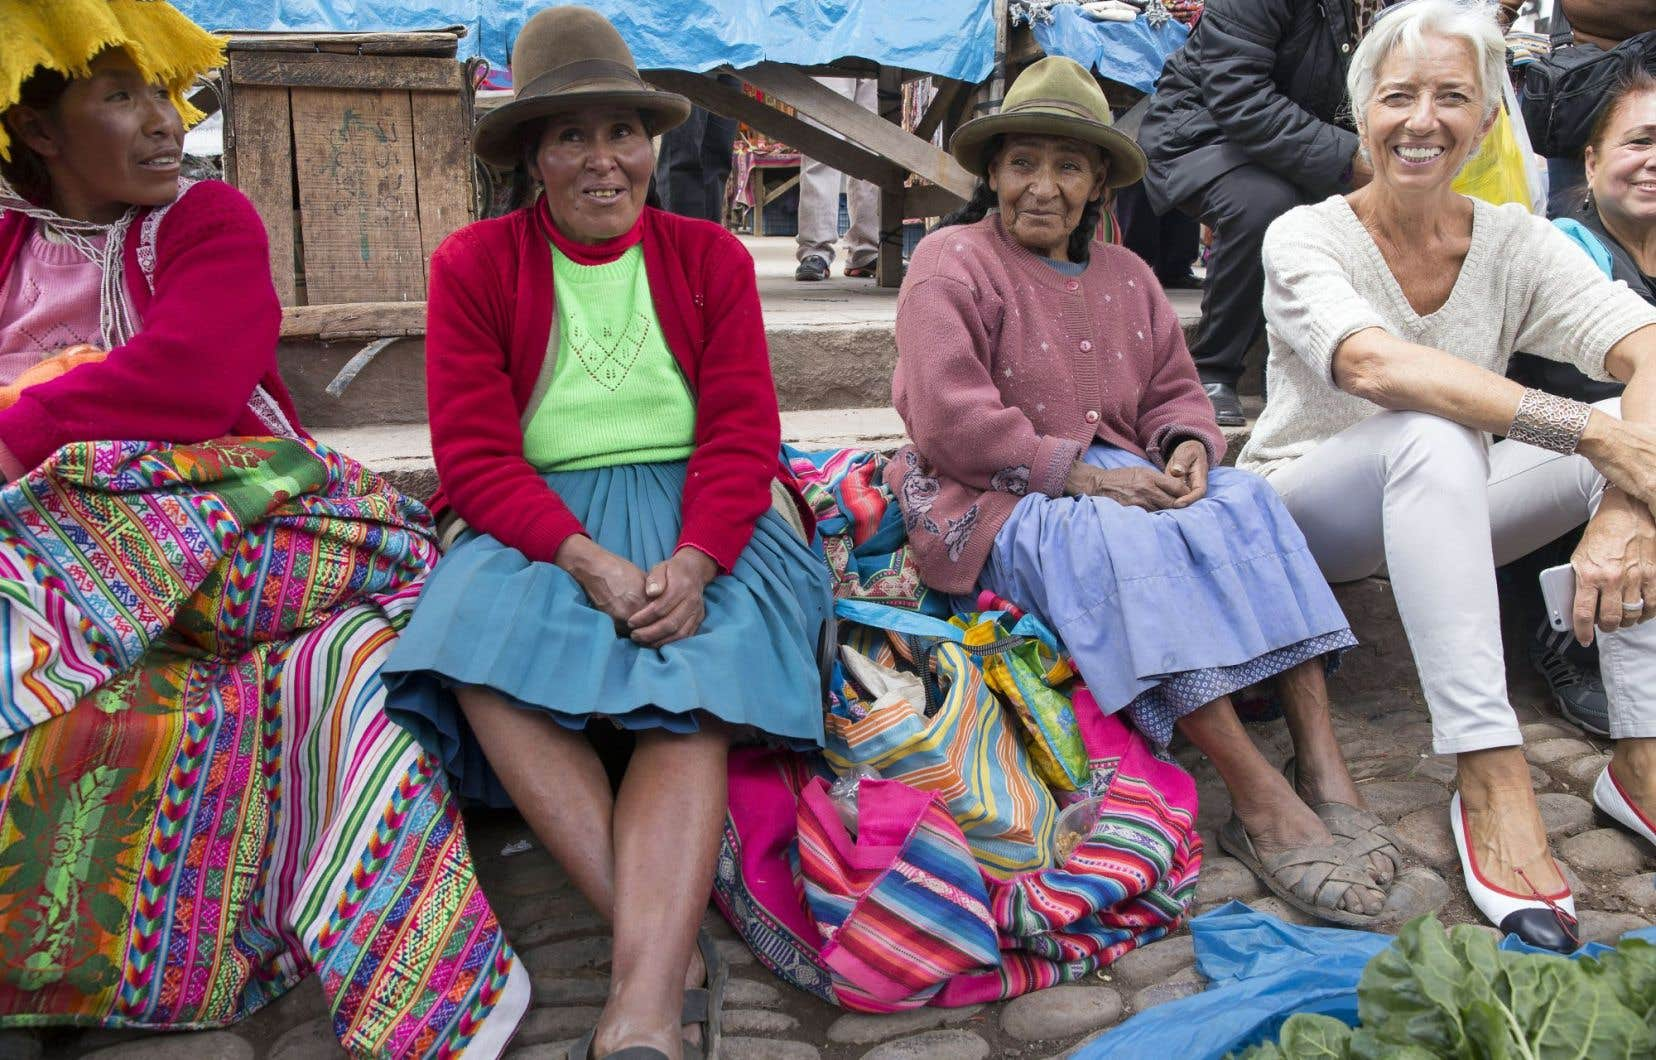 Assise avec des artisans au marché de Pisac, au Pérou, la directrice générale du FMI, Christine Lagarde, passe la semaine dans ce pays afin de participer à la réunion annuelle conjointe de son organisation et de la Banque mondiale.